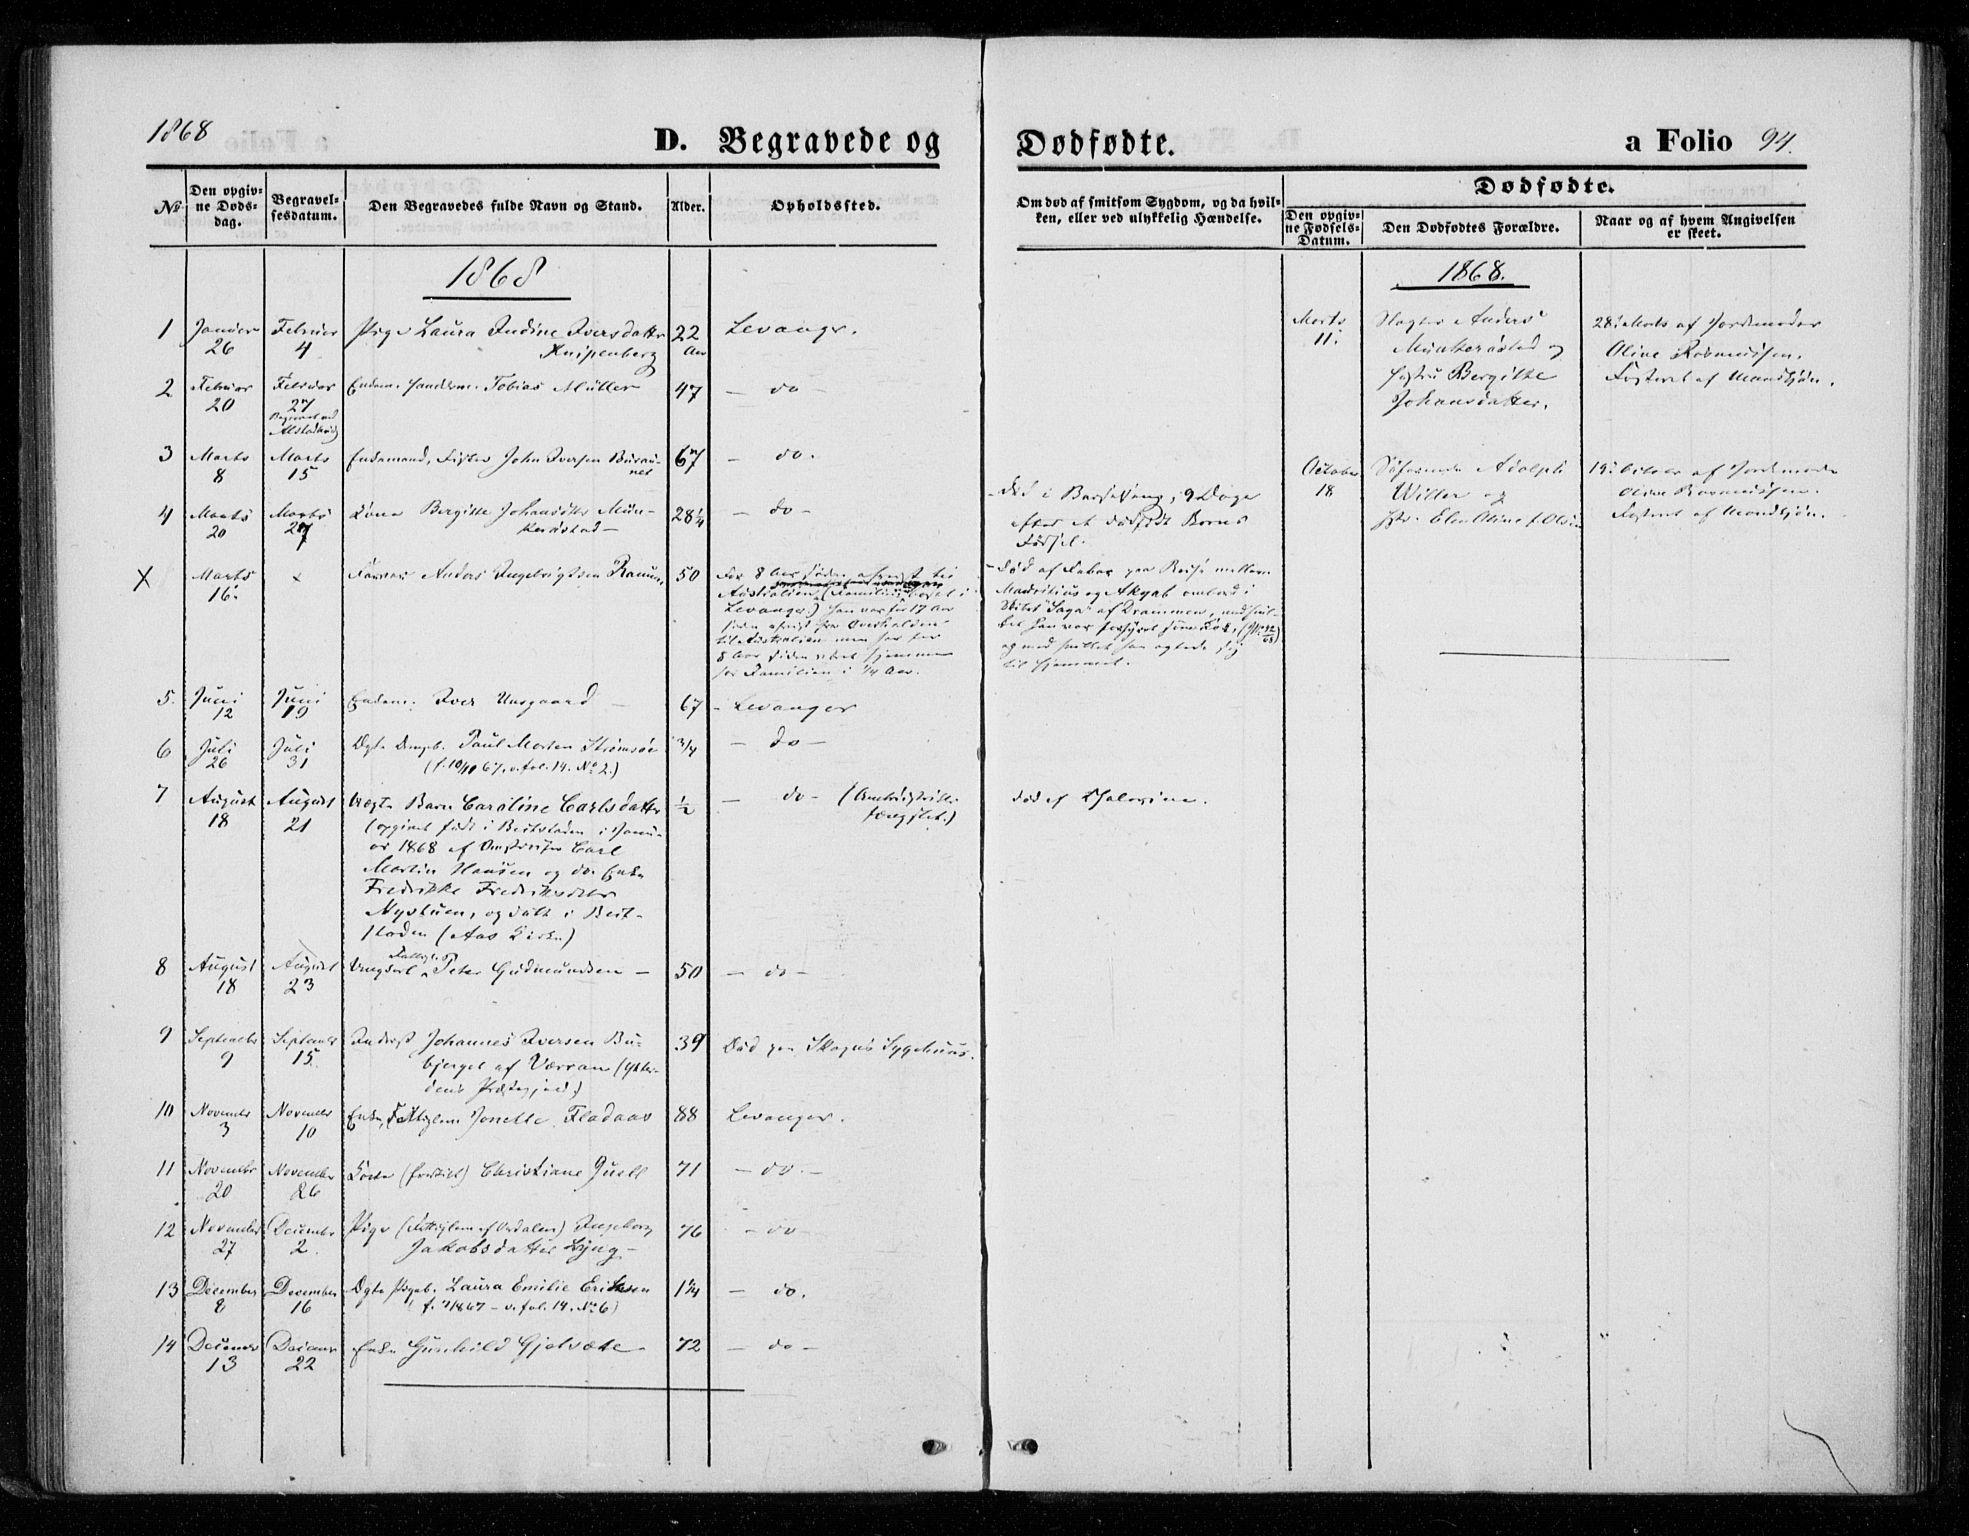 SAT, Ministerialprotokoller, klokkerbøker og fødselsregistre - Nord-Trøndelag, 720/L0186: Ministerialbok nr. 720A03, 1864-1874, s. 94